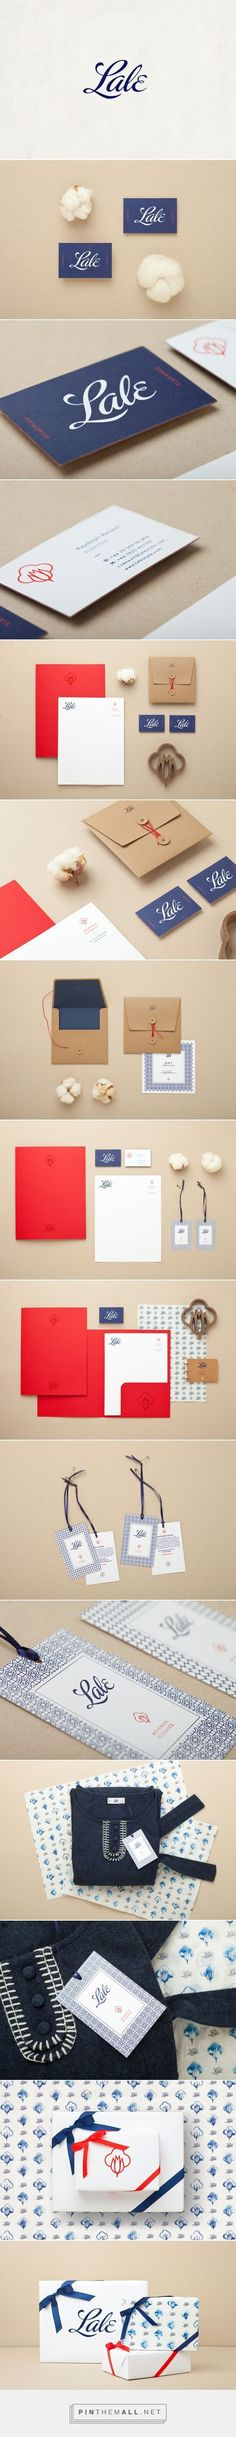 Lale Branding on Behance | Fivestar Branding – Design and Branding Agency & Inspiration Gallery